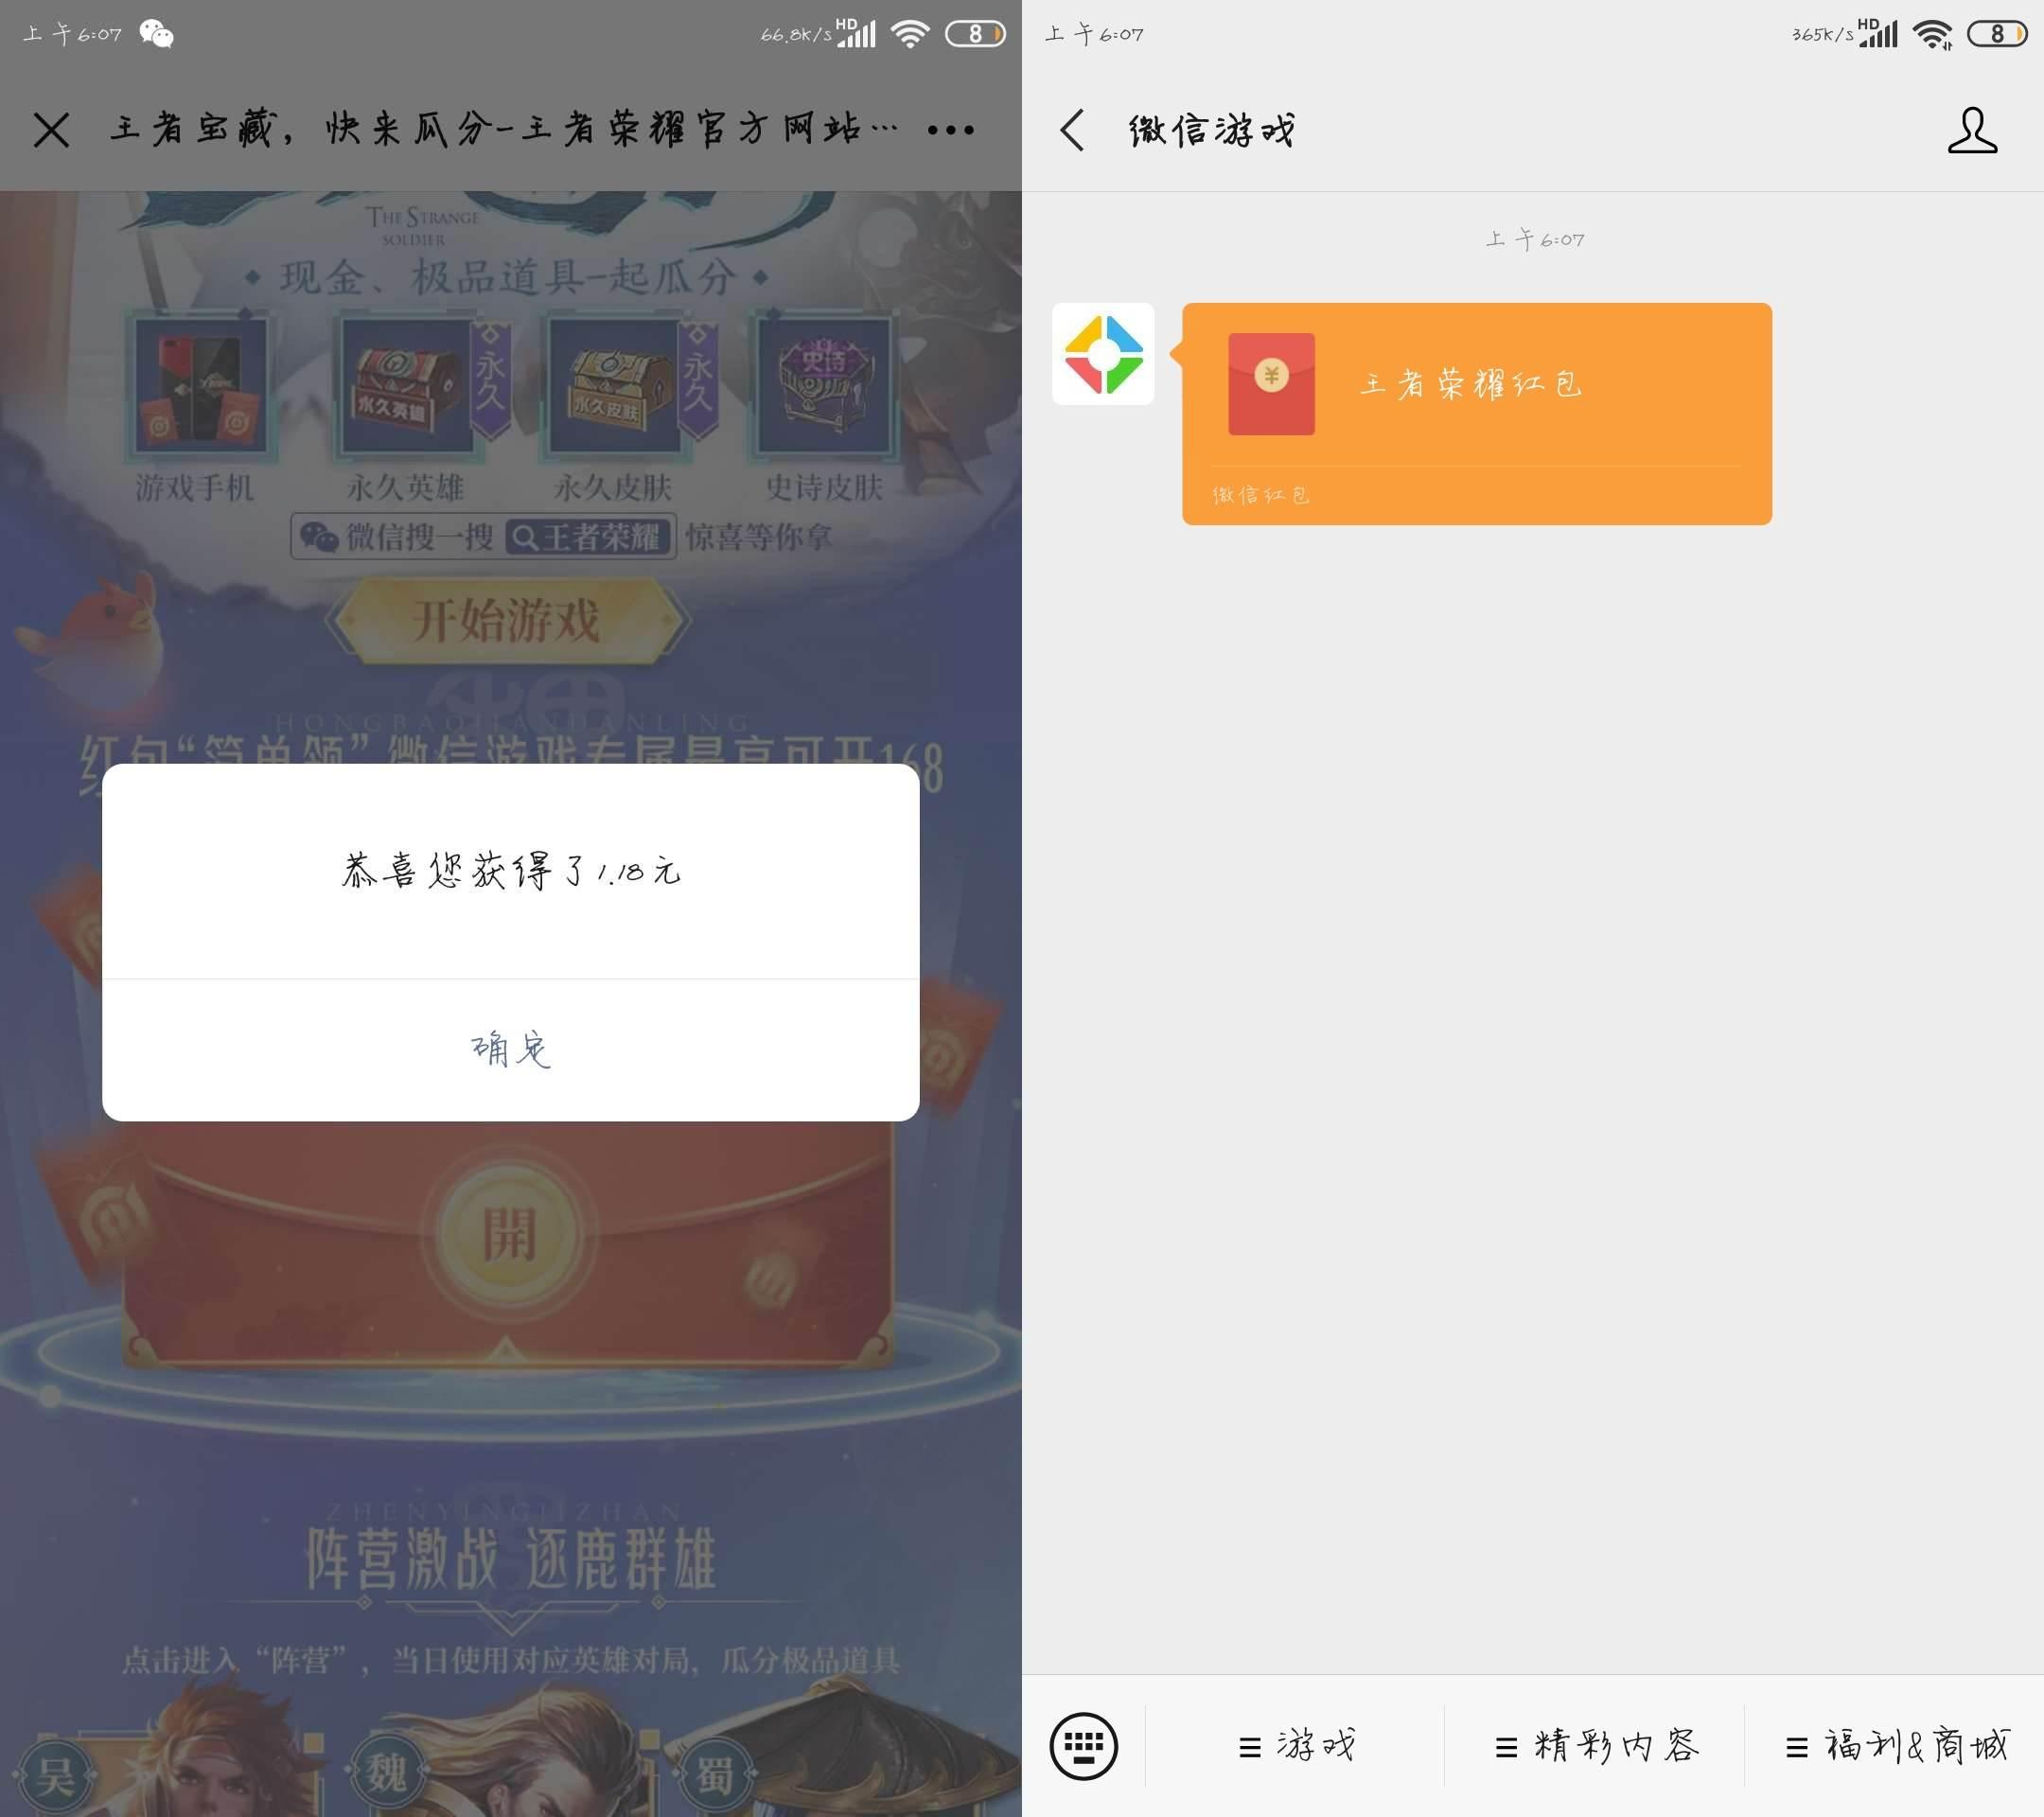 王者荣耀登录领取红包QQ打开是QB/微信打开是红包